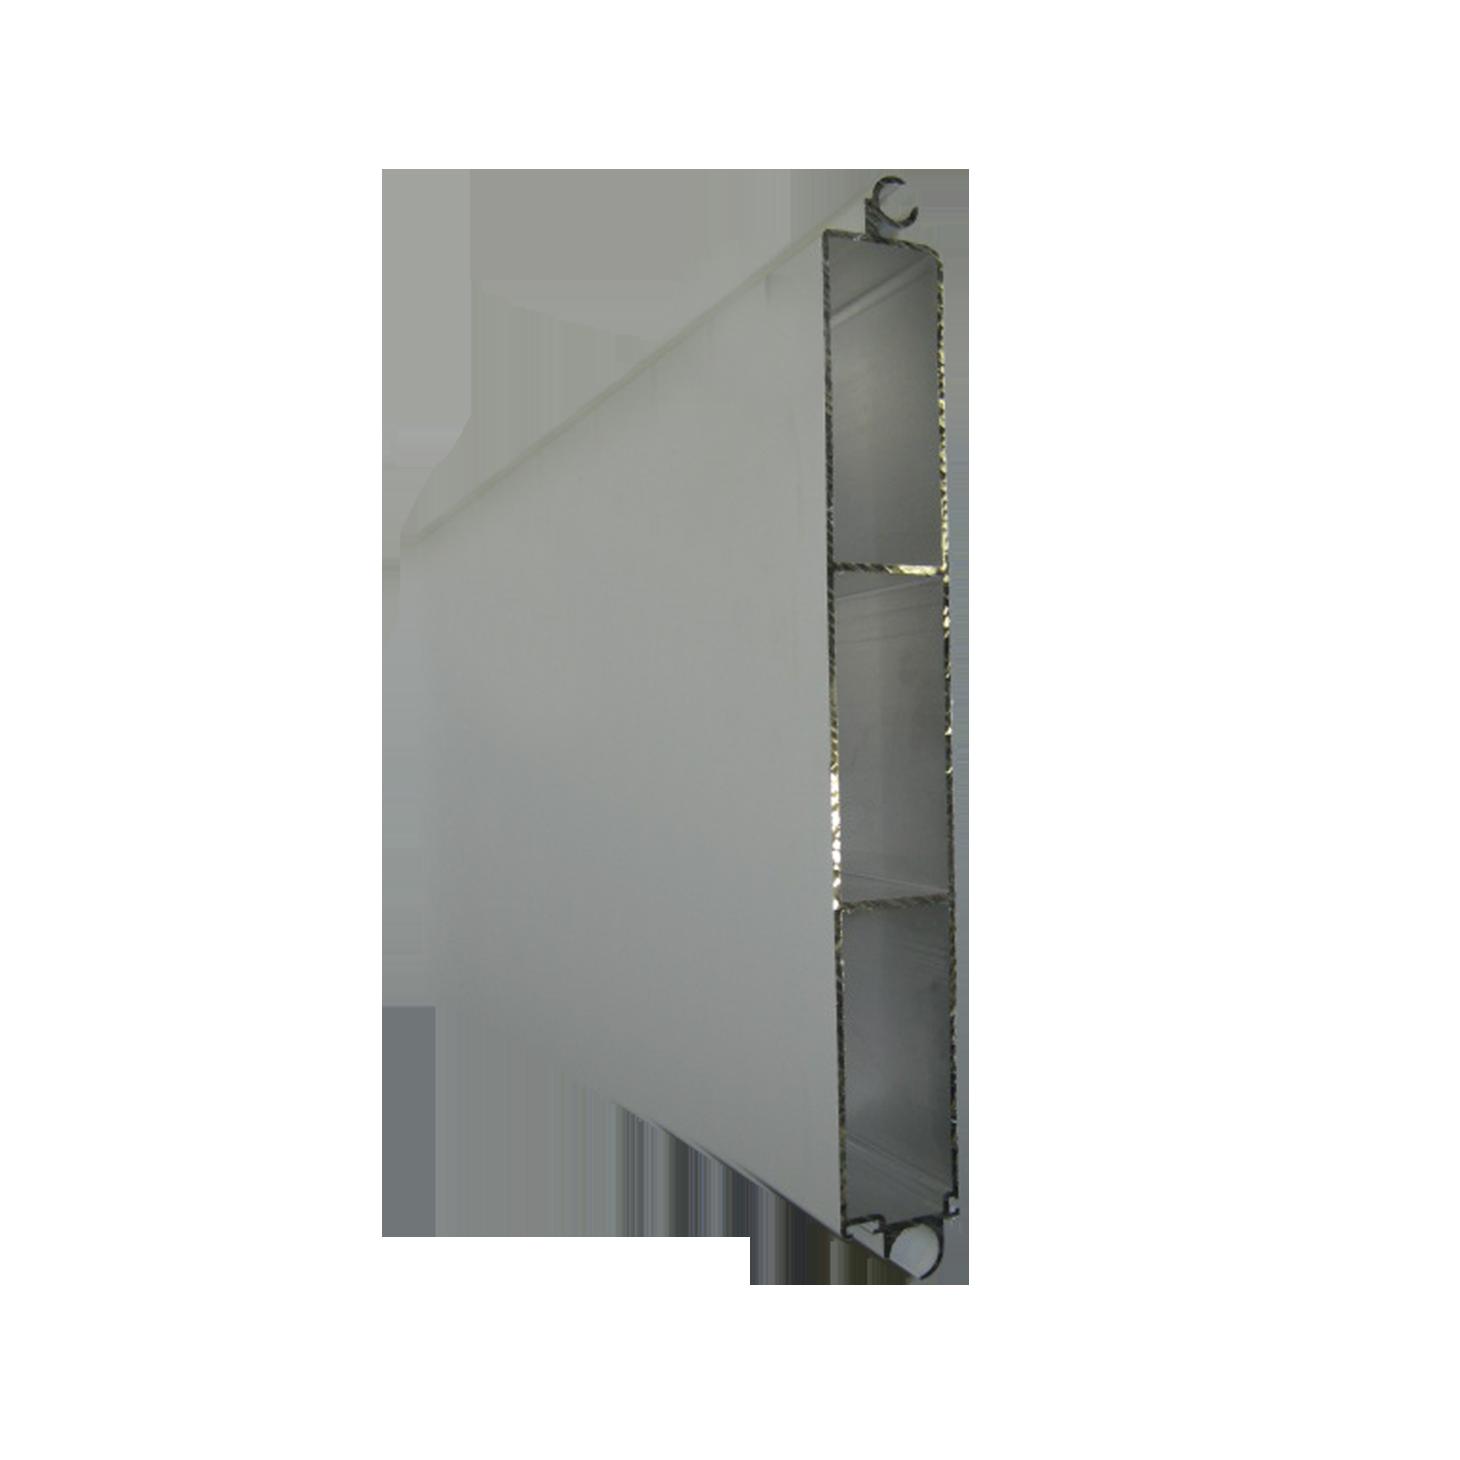 Klimet aluminio para carrocer a - Cerrojos para puertas de aluminio ...